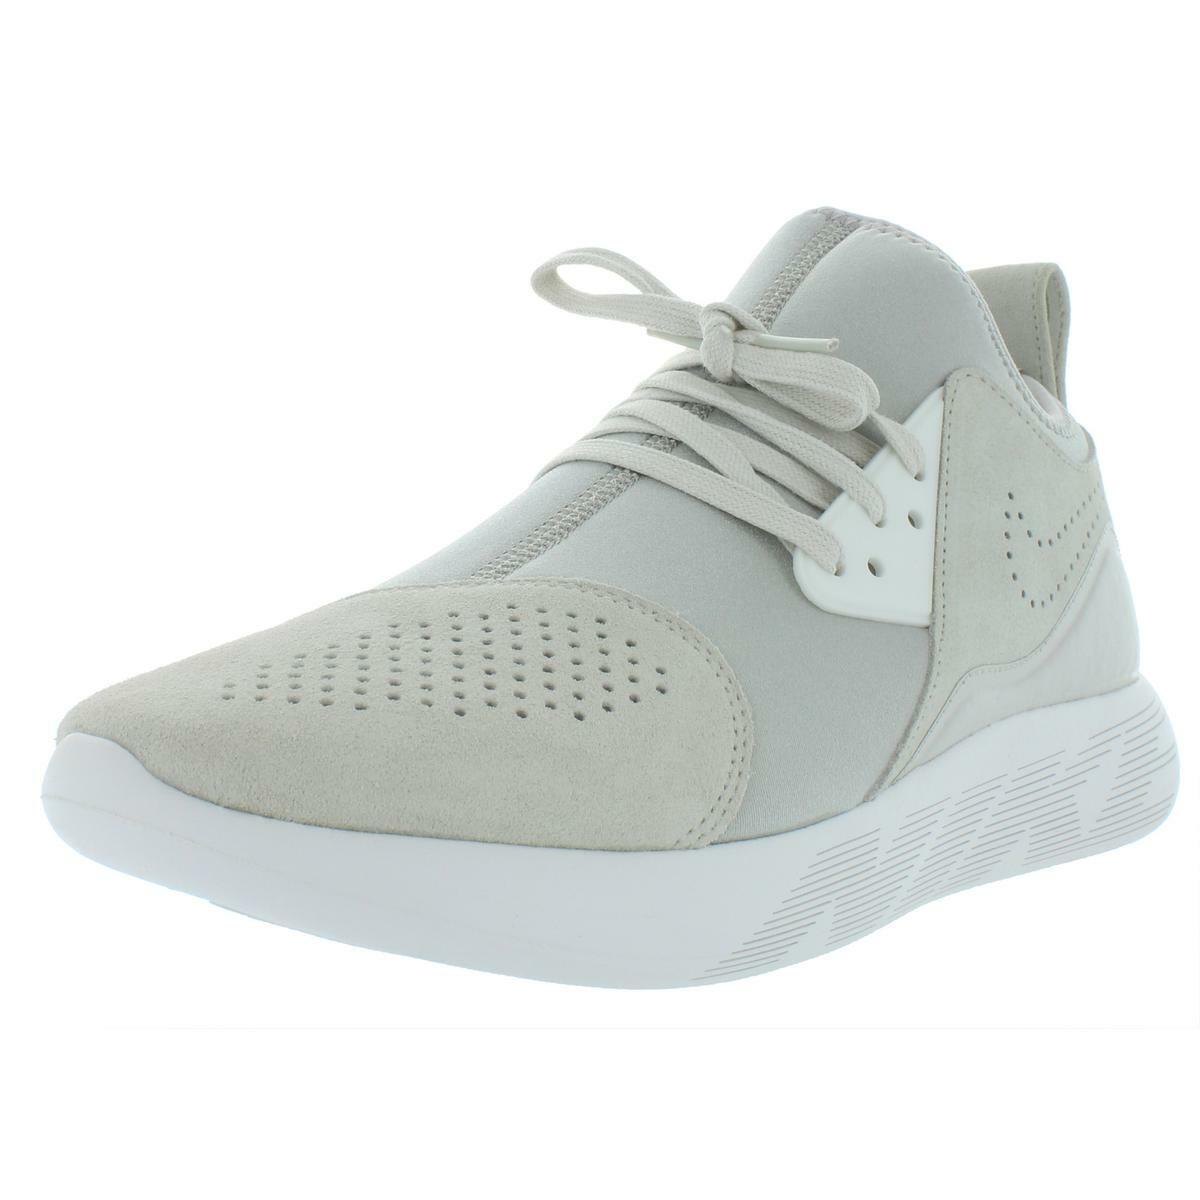 Nike Lunarcharge Premium Pour HOMME EN DAIM High Top paniers paniers Athlétiques BHFO 4419